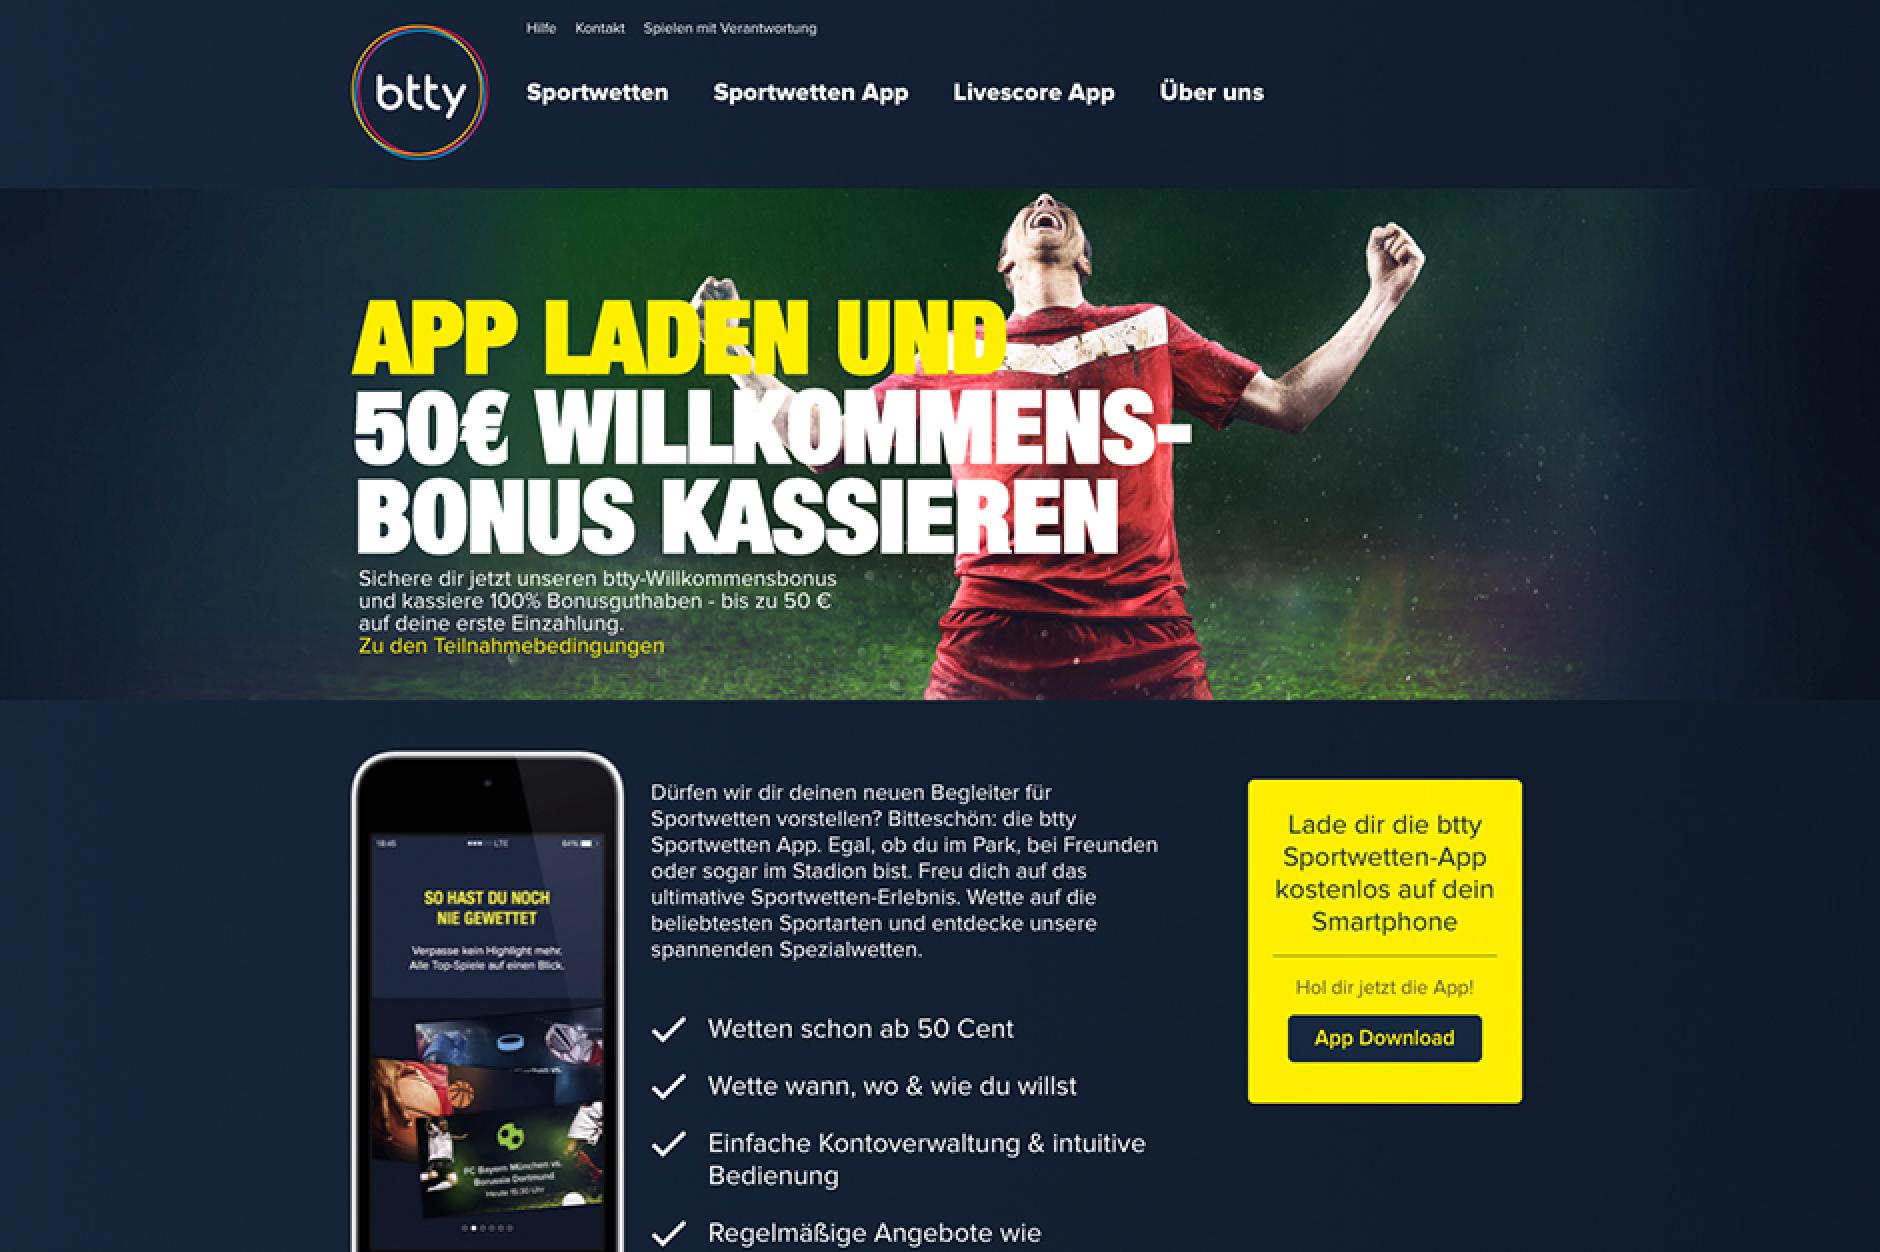 Btty-Vorschau